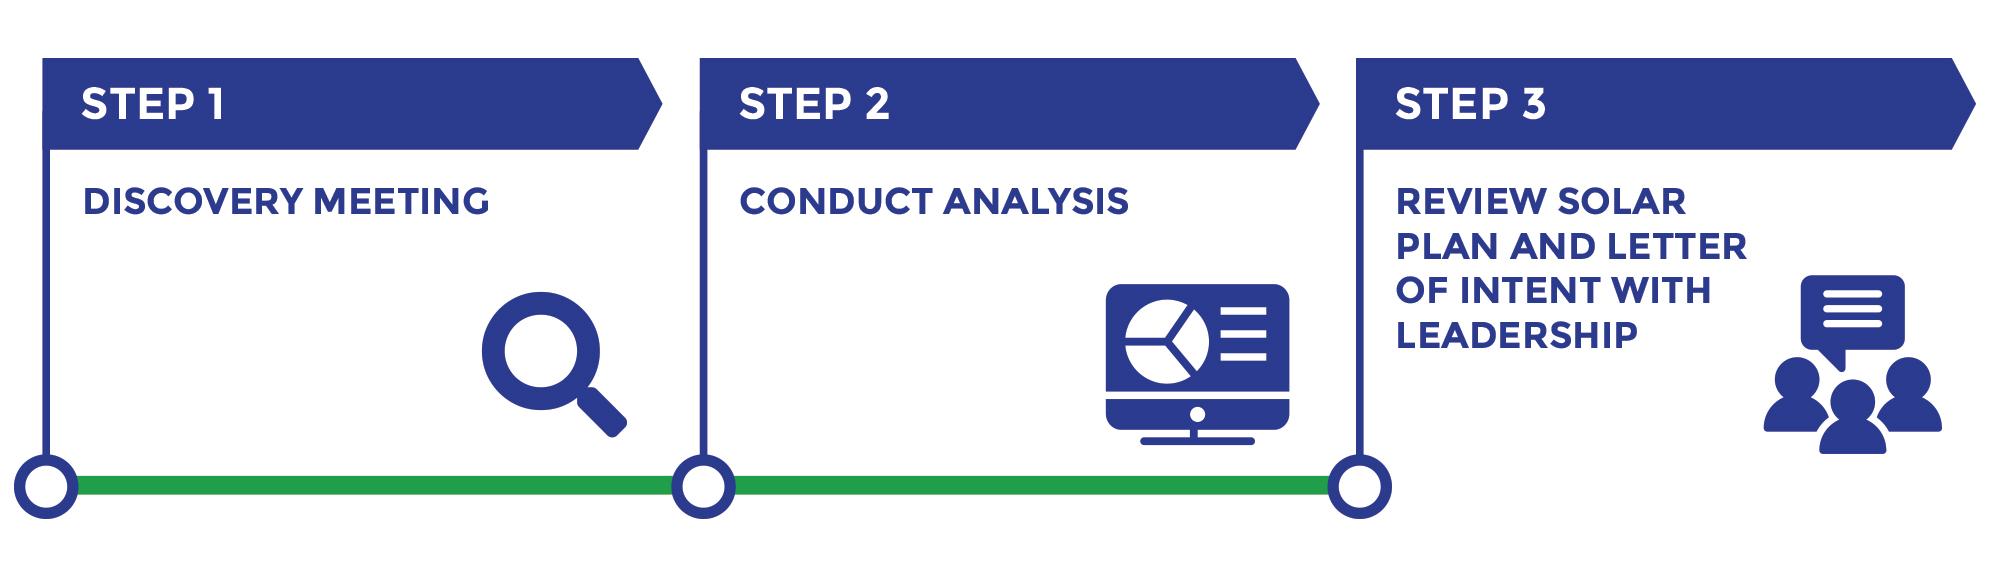 next-steps-diagram.jpg